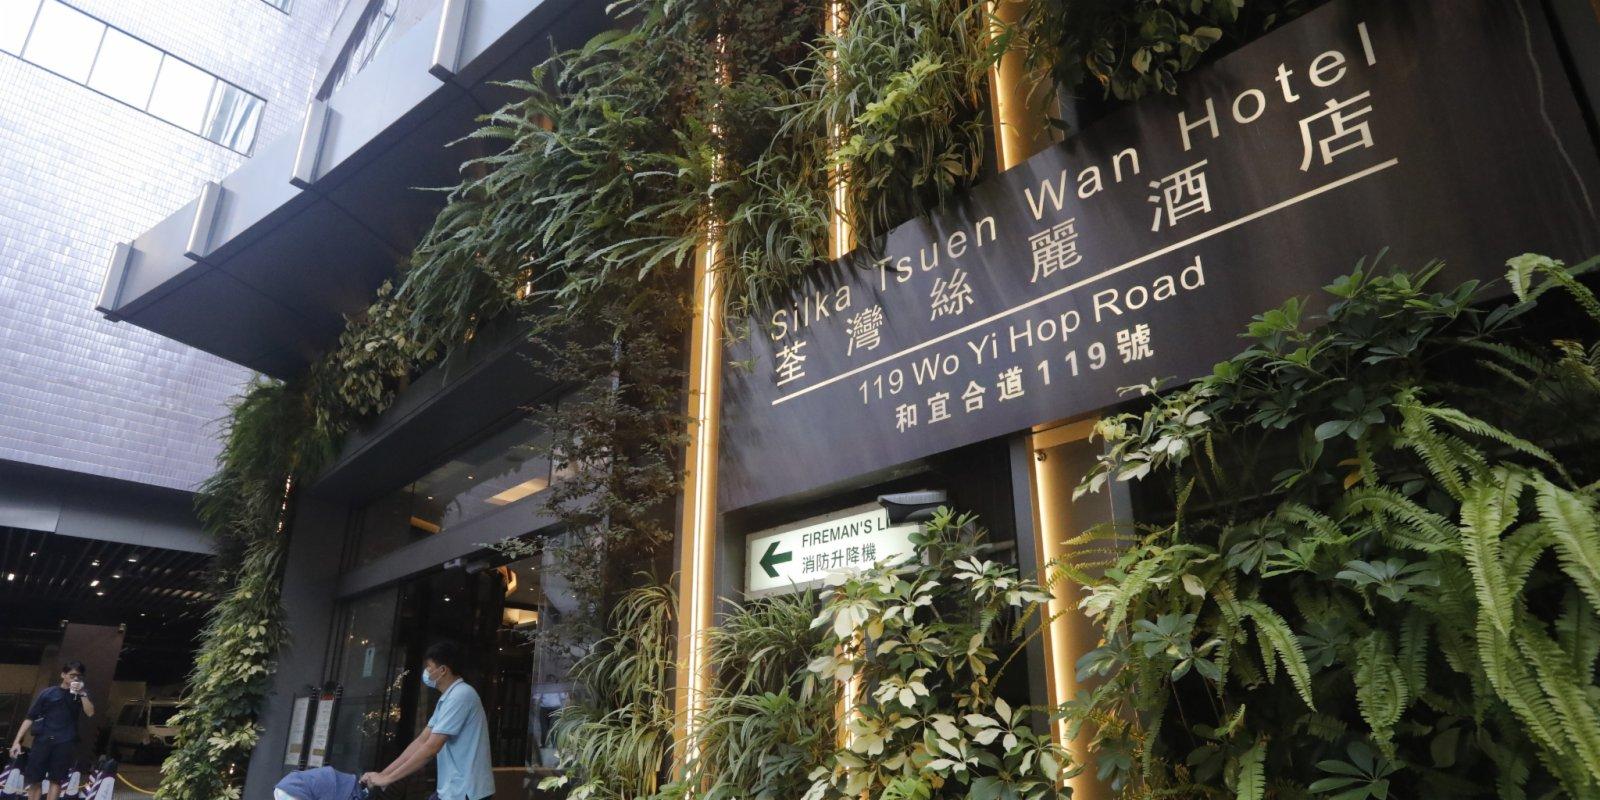 荃灣絲麗酒店被徵用作檢疫 住客周四前需搬走